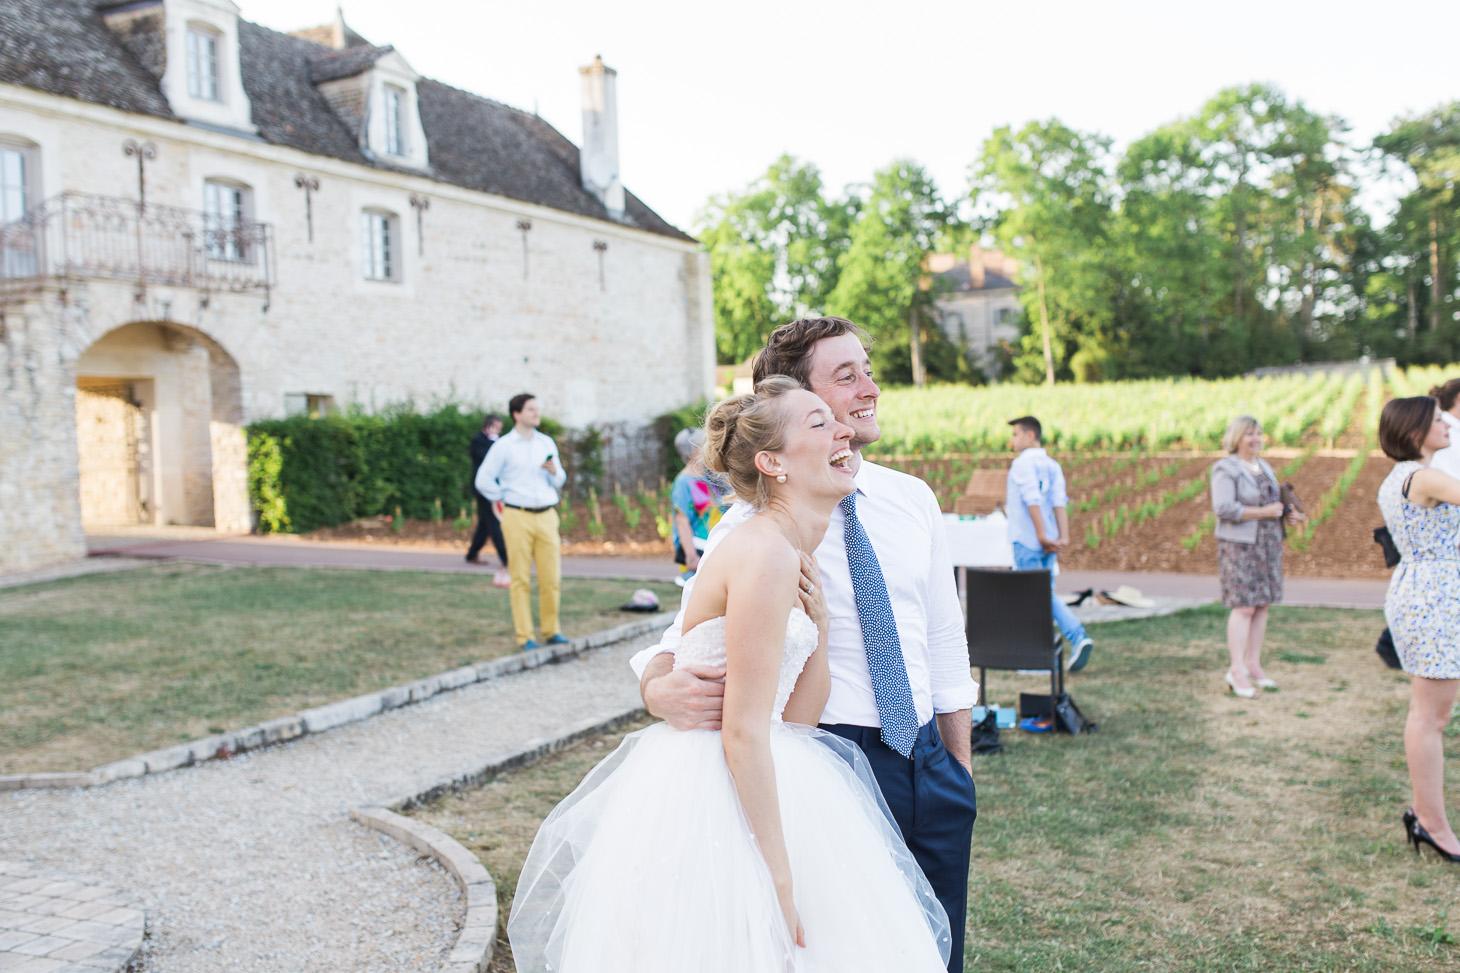 bourgogne_wedding_photographer_chateau_pommard-094